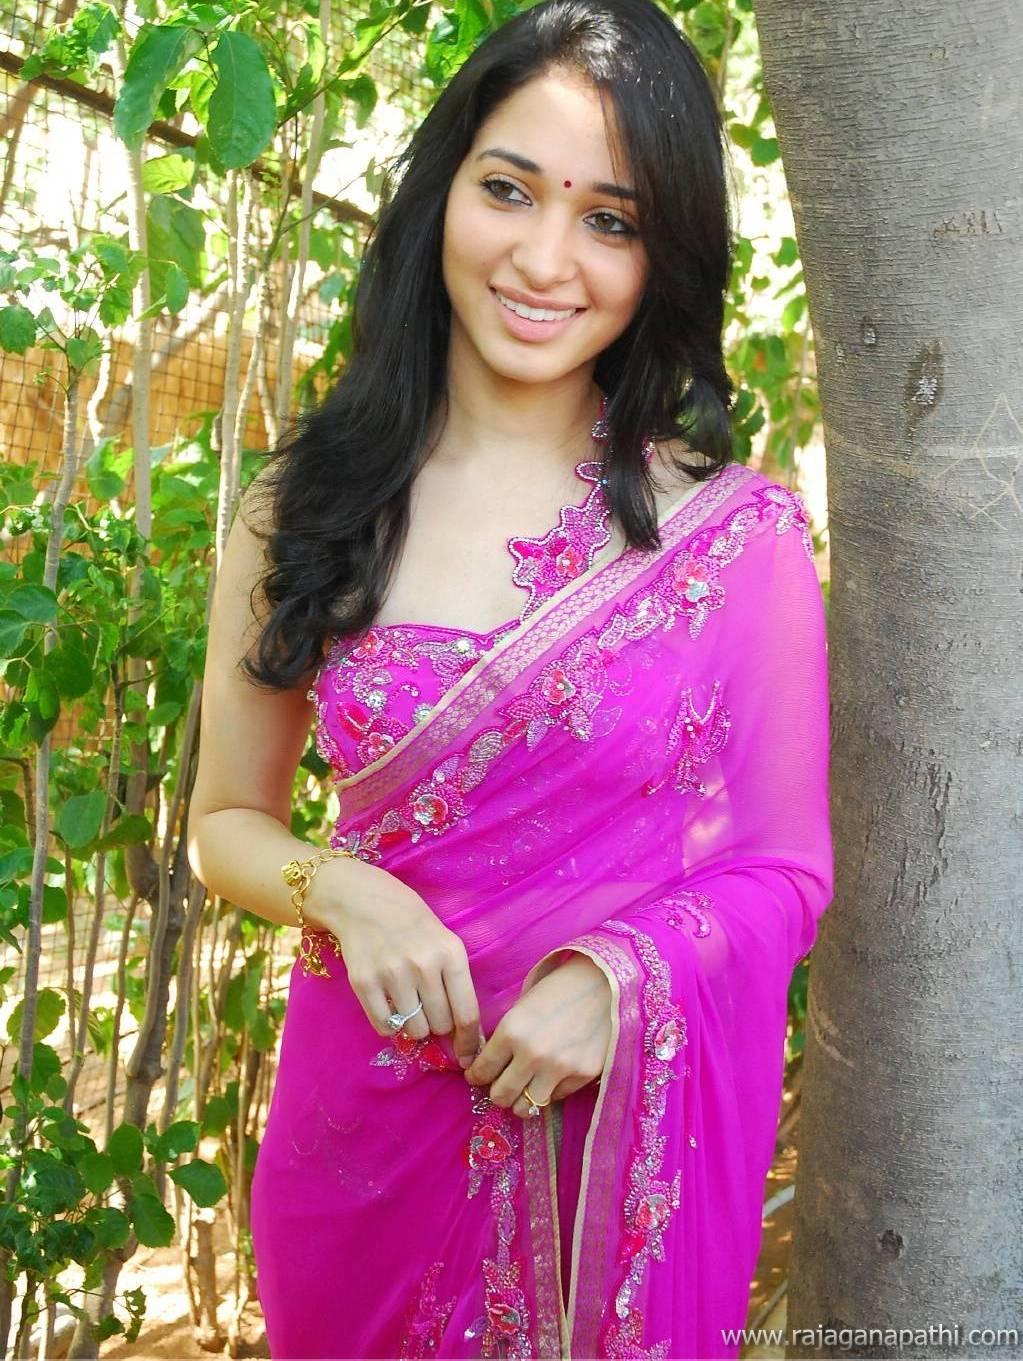 Tamanna Without Makeup: SOUTH ACTRESS TAMANNA BHATIA IN SAREE HOT LATEST PHOTO